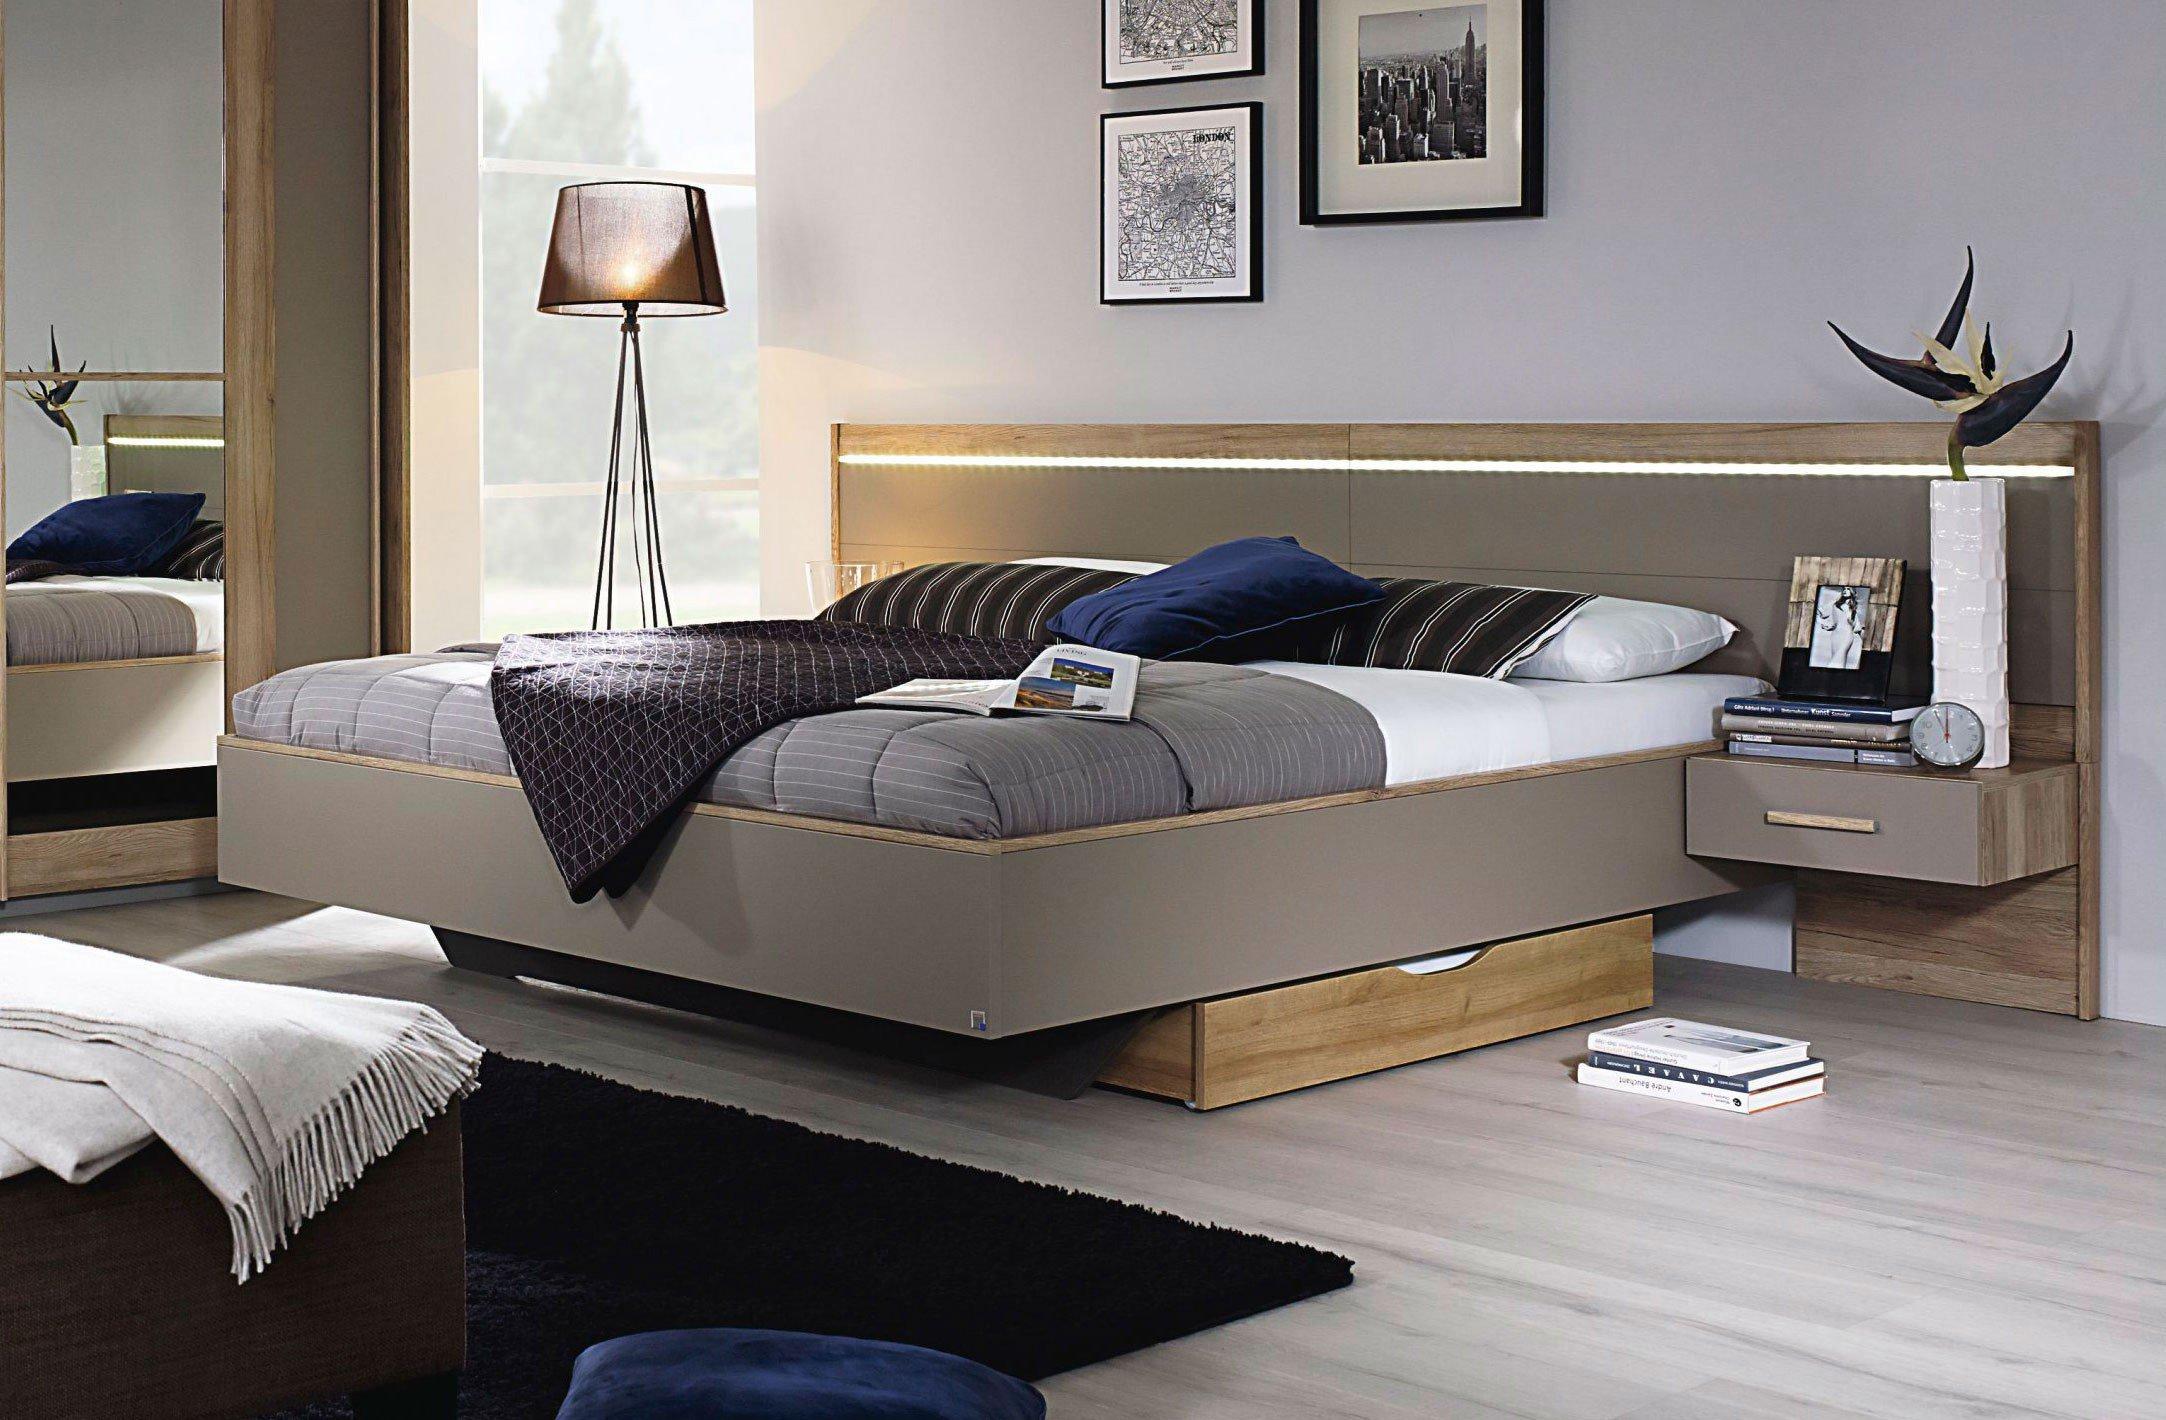 rauch ulm schlafzimmer set fango spiegel m bel letz ihr online shop. Black Bedroom Furniture Sets. Home Design Ideas